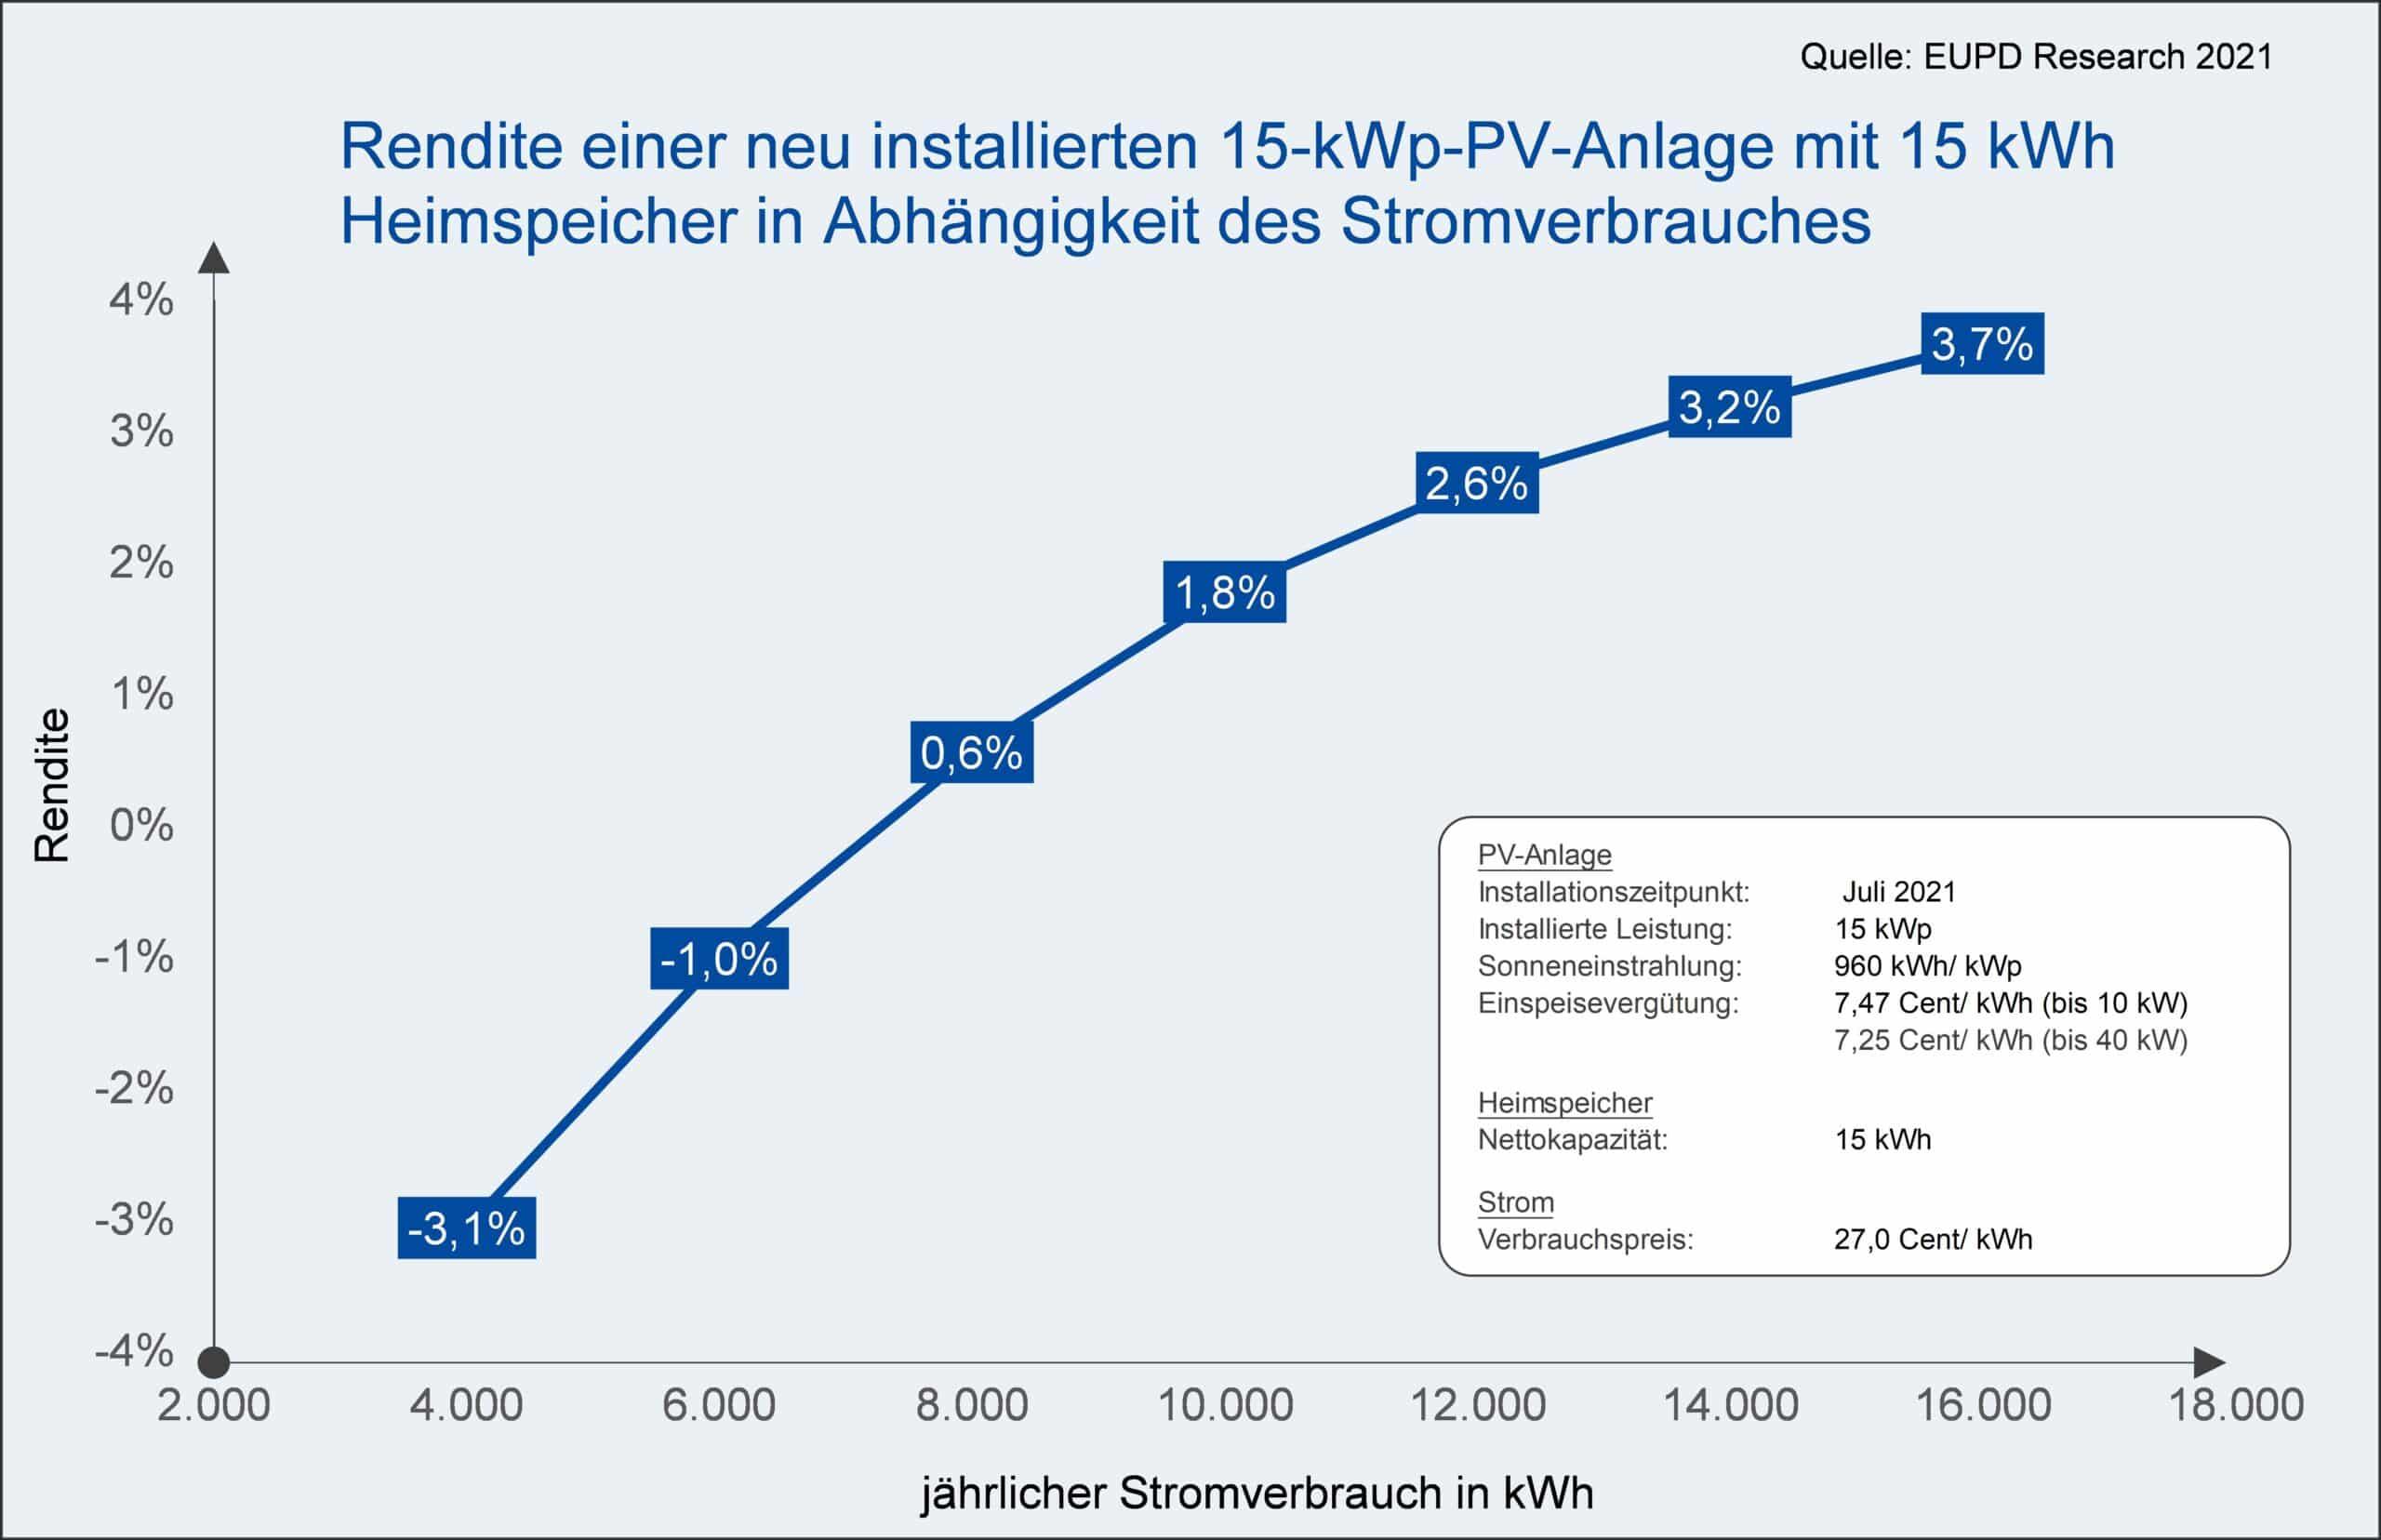 Rendite einer neu installierten 15 kWp Anlage mit 15